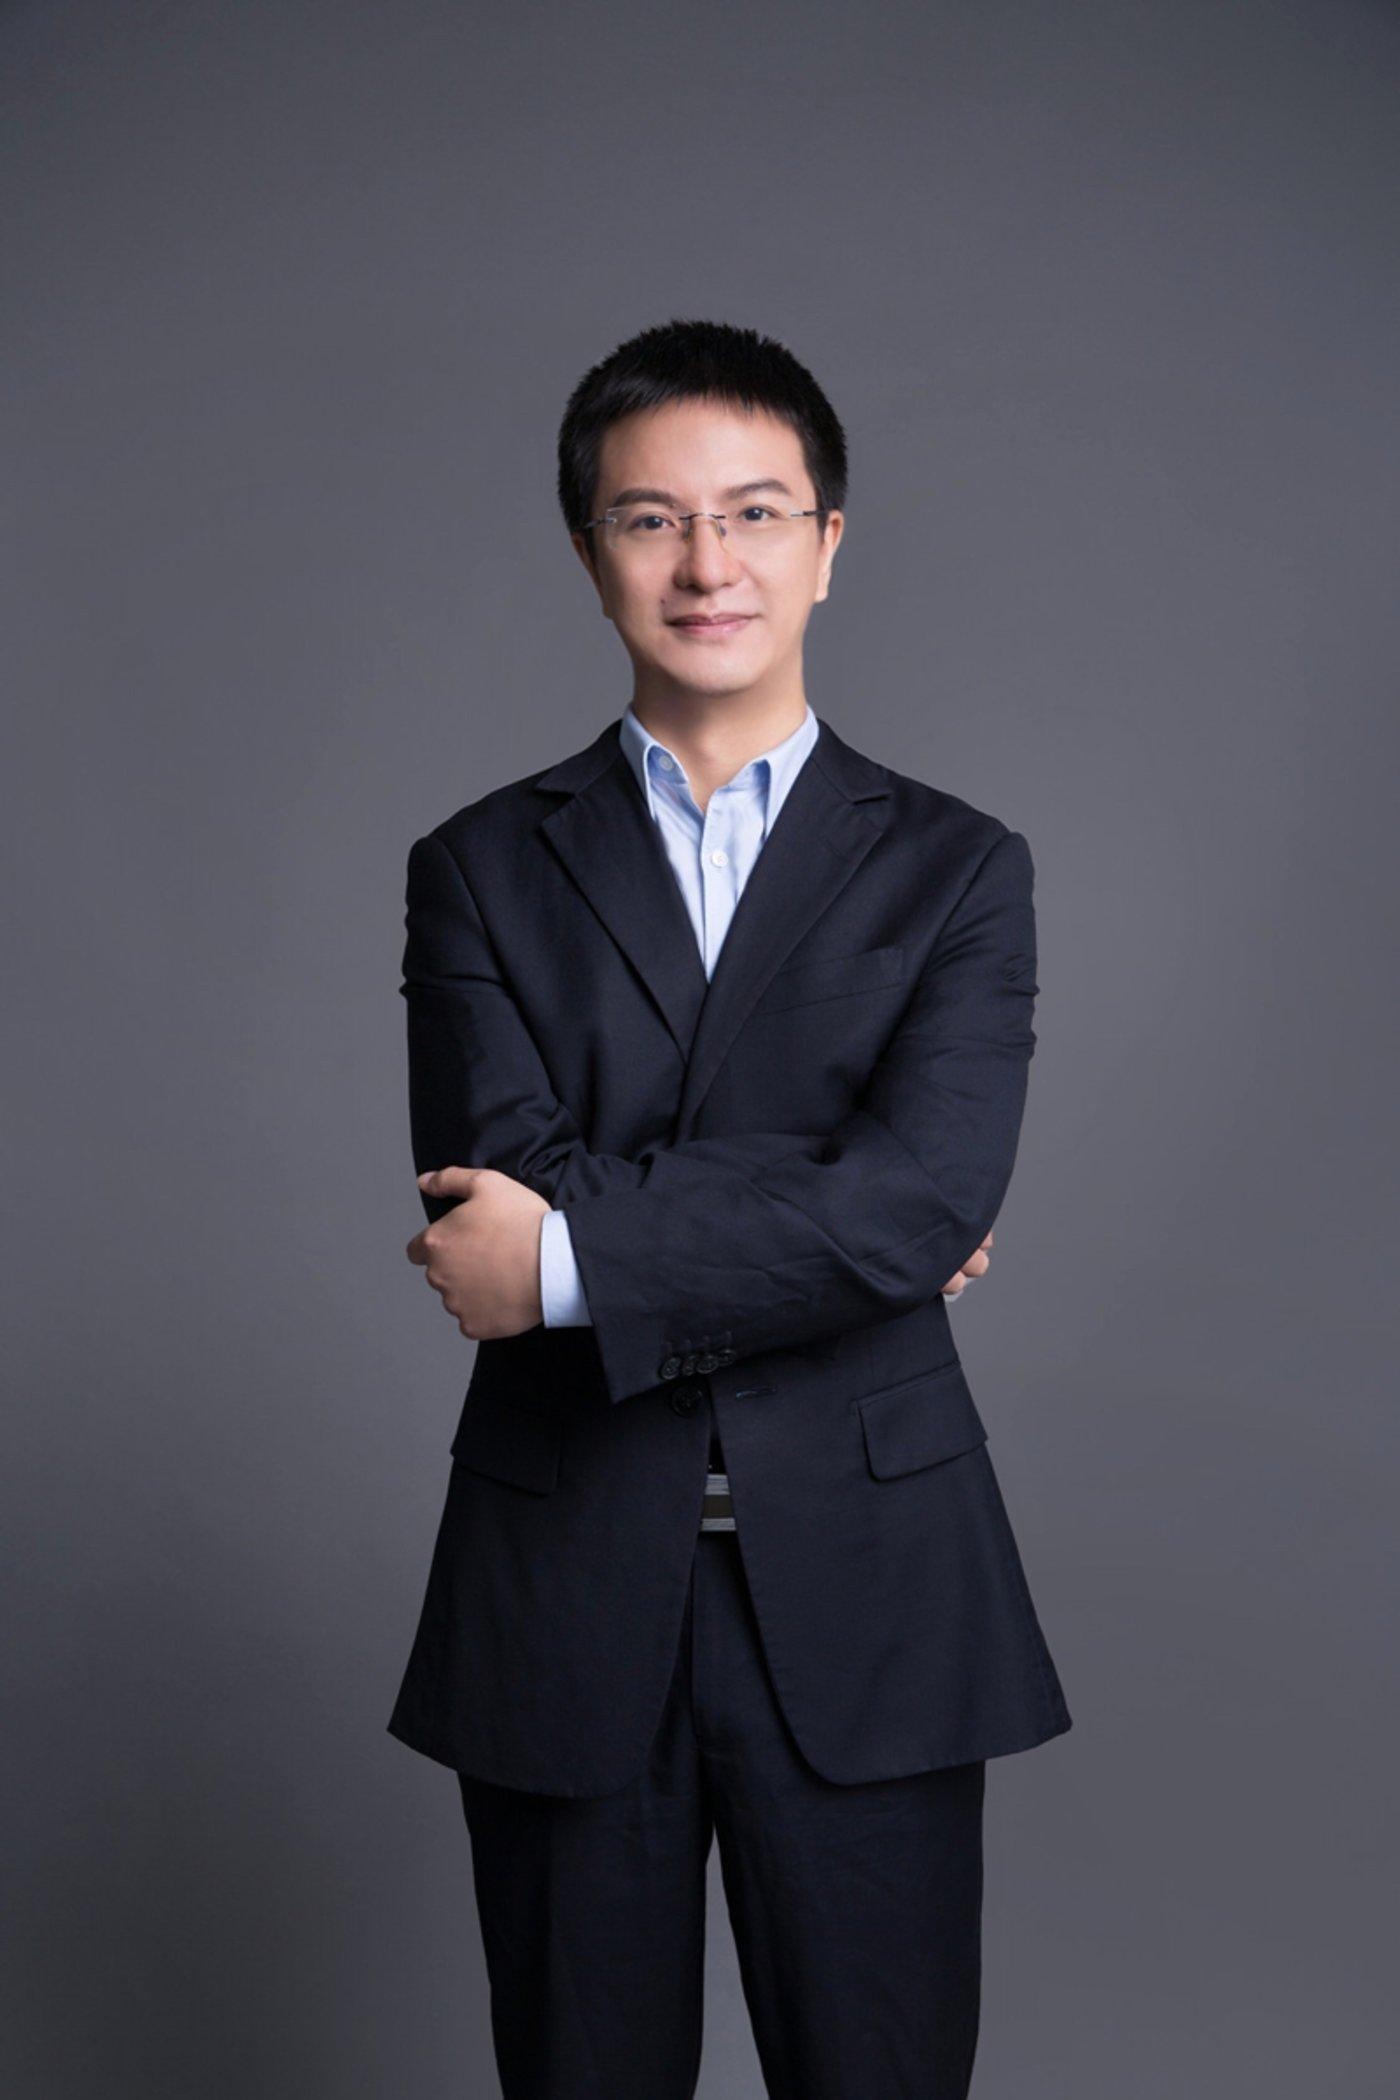 越秀地产流程信息部副总经理陈磊